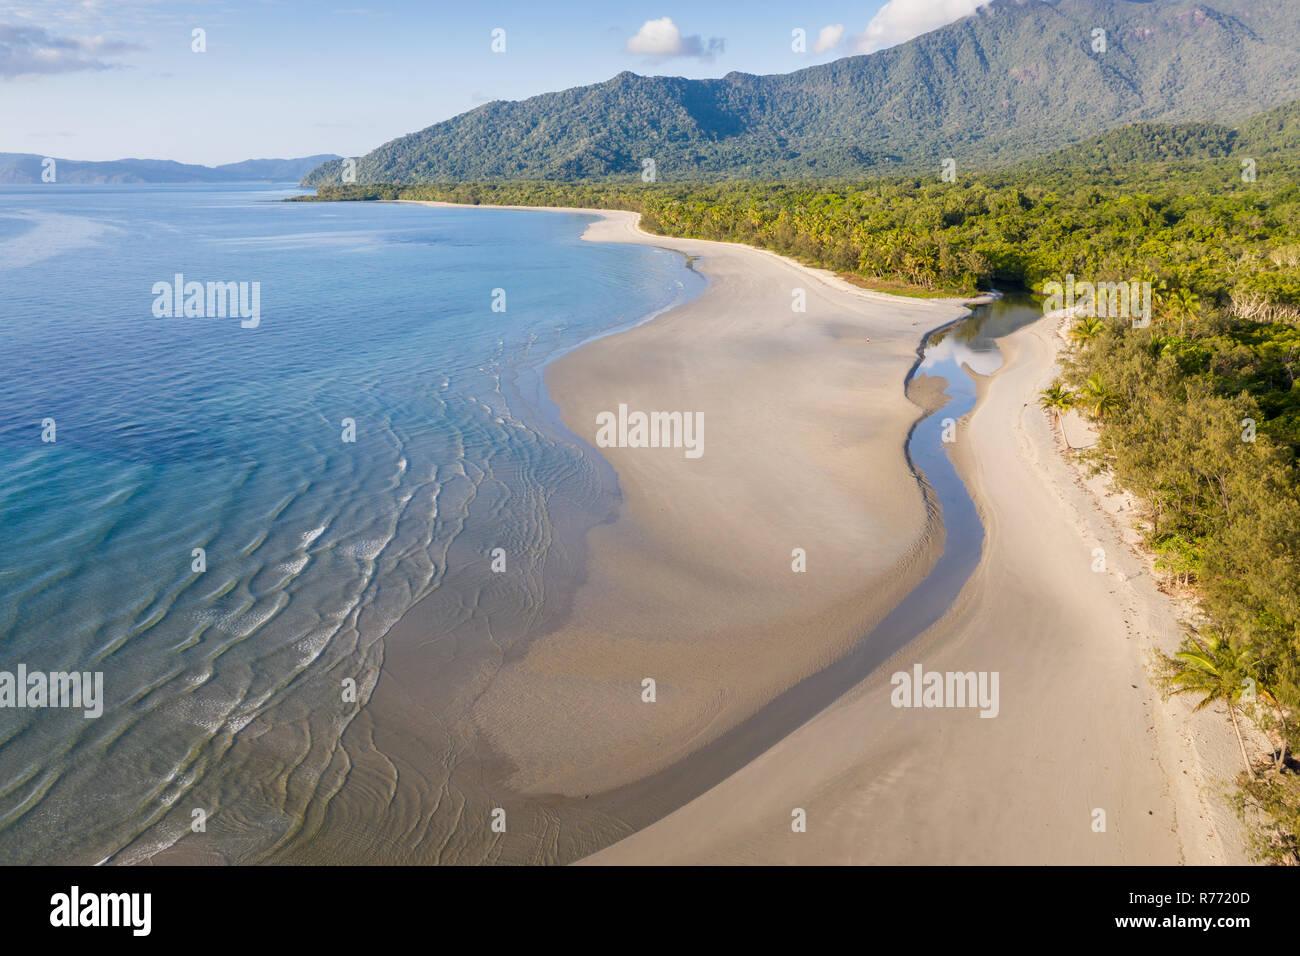 Vista aérea de Noé playa en la zona de Daintree Far North Queensland tropical. En esta hermosa parte de la costa, la selva tropical se encuentra con el mar. Foto de stock